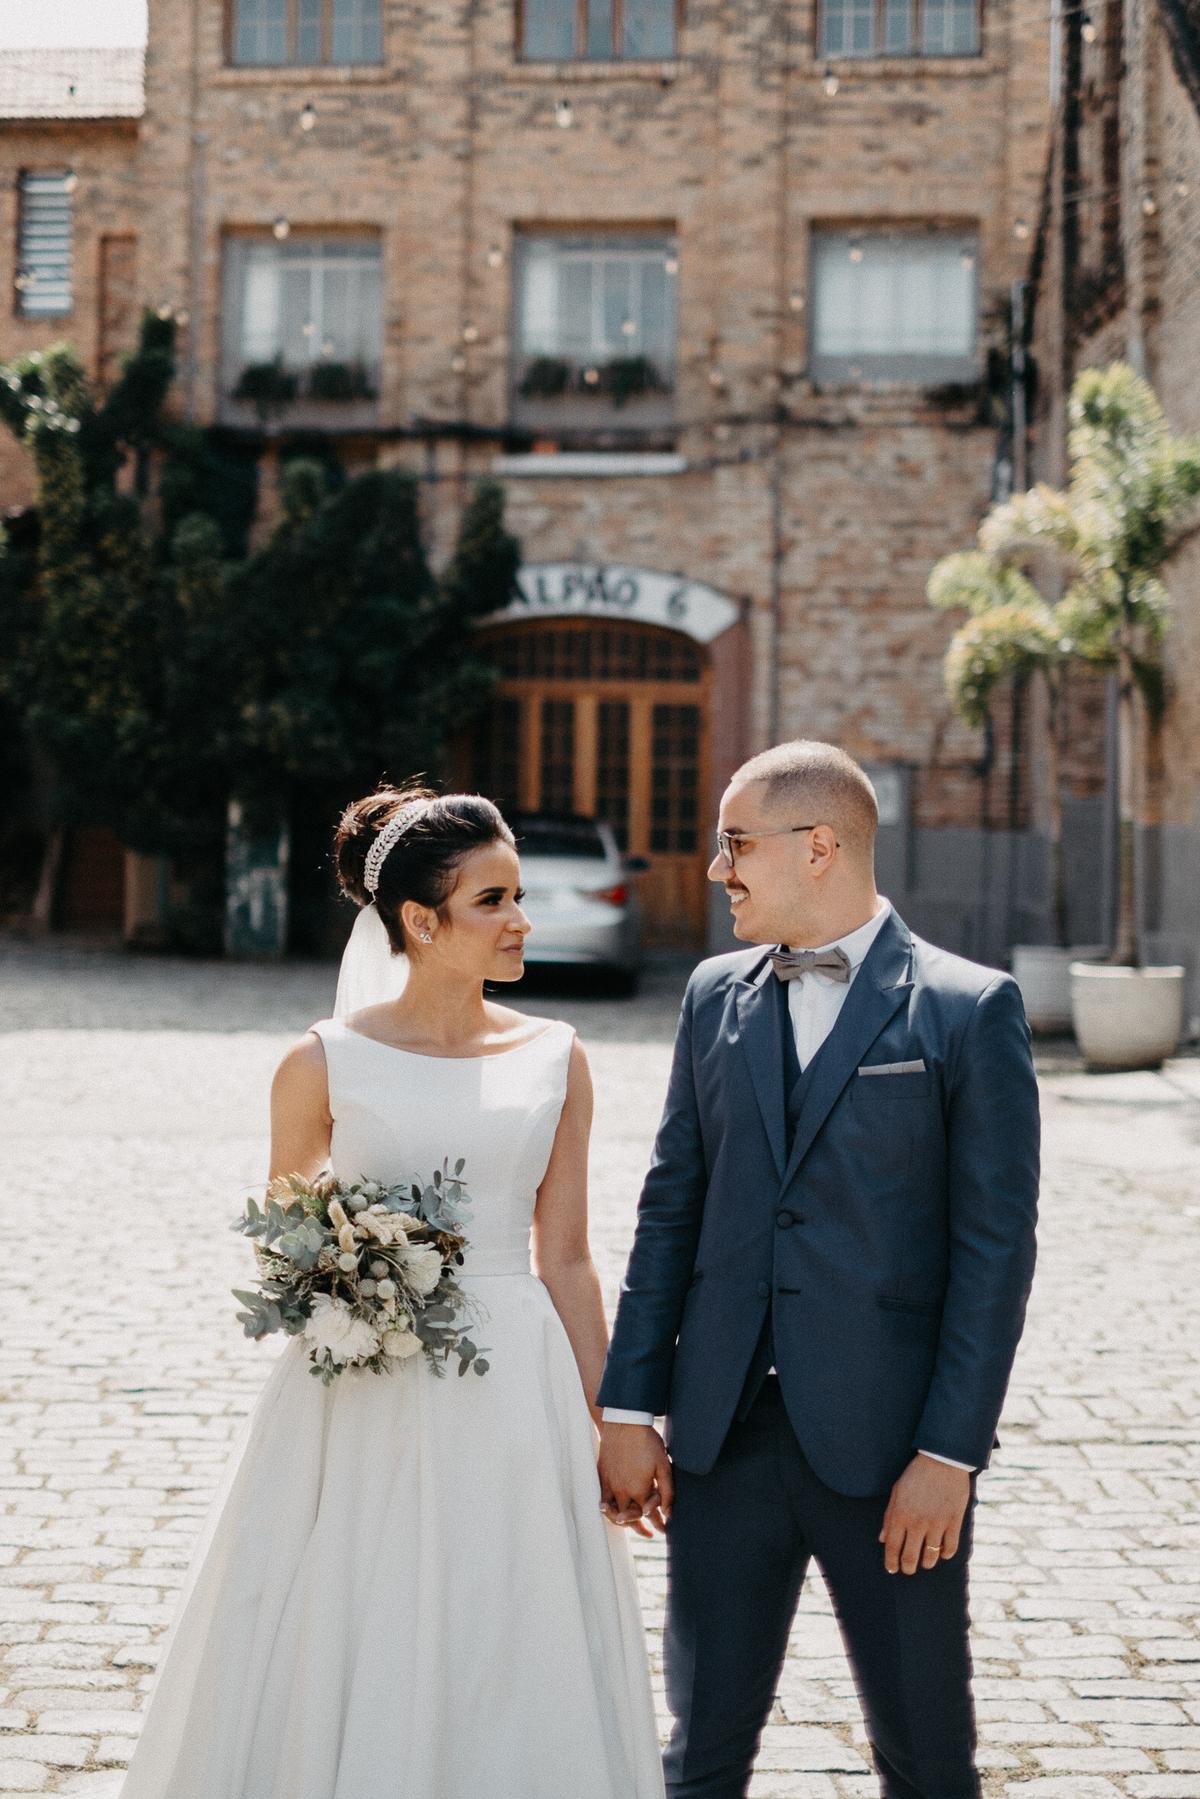 elopement casamentos no campo casar na fazenda inspiracao de casamento vestido de noiva minimalista